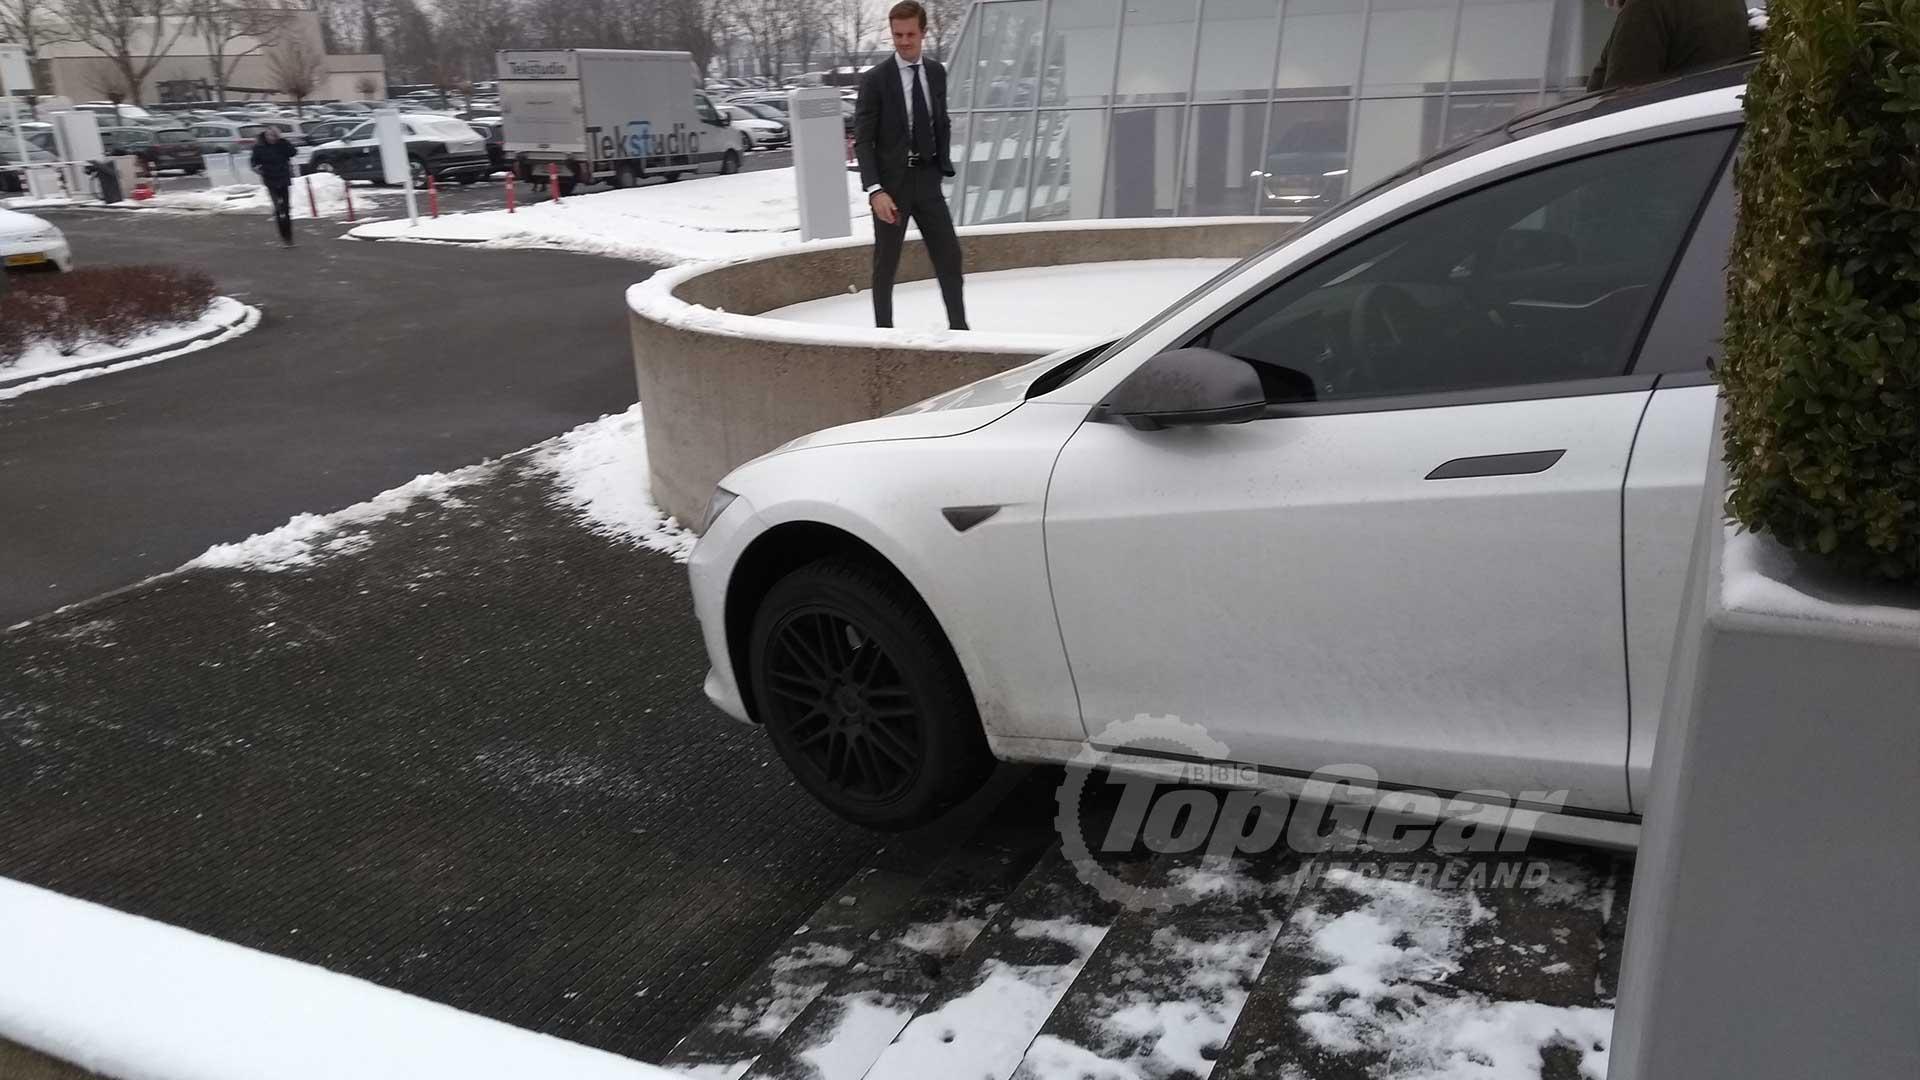 Super Tesla Model S neemt de trap in Leusden - TopGear Nederland WK-19